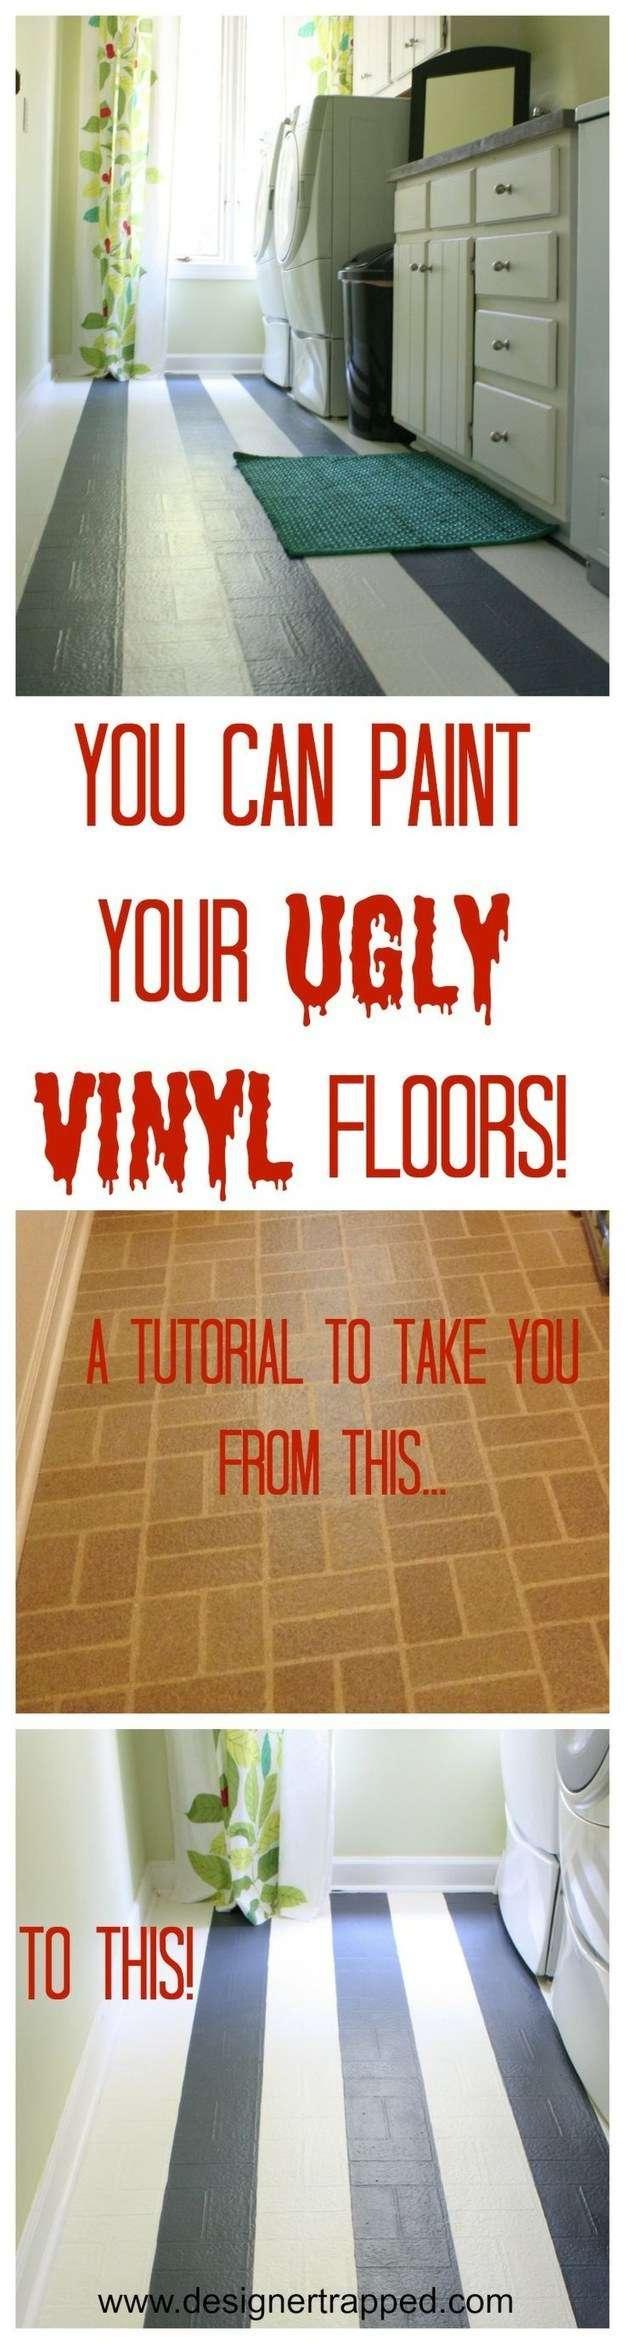 Paint your vinyl